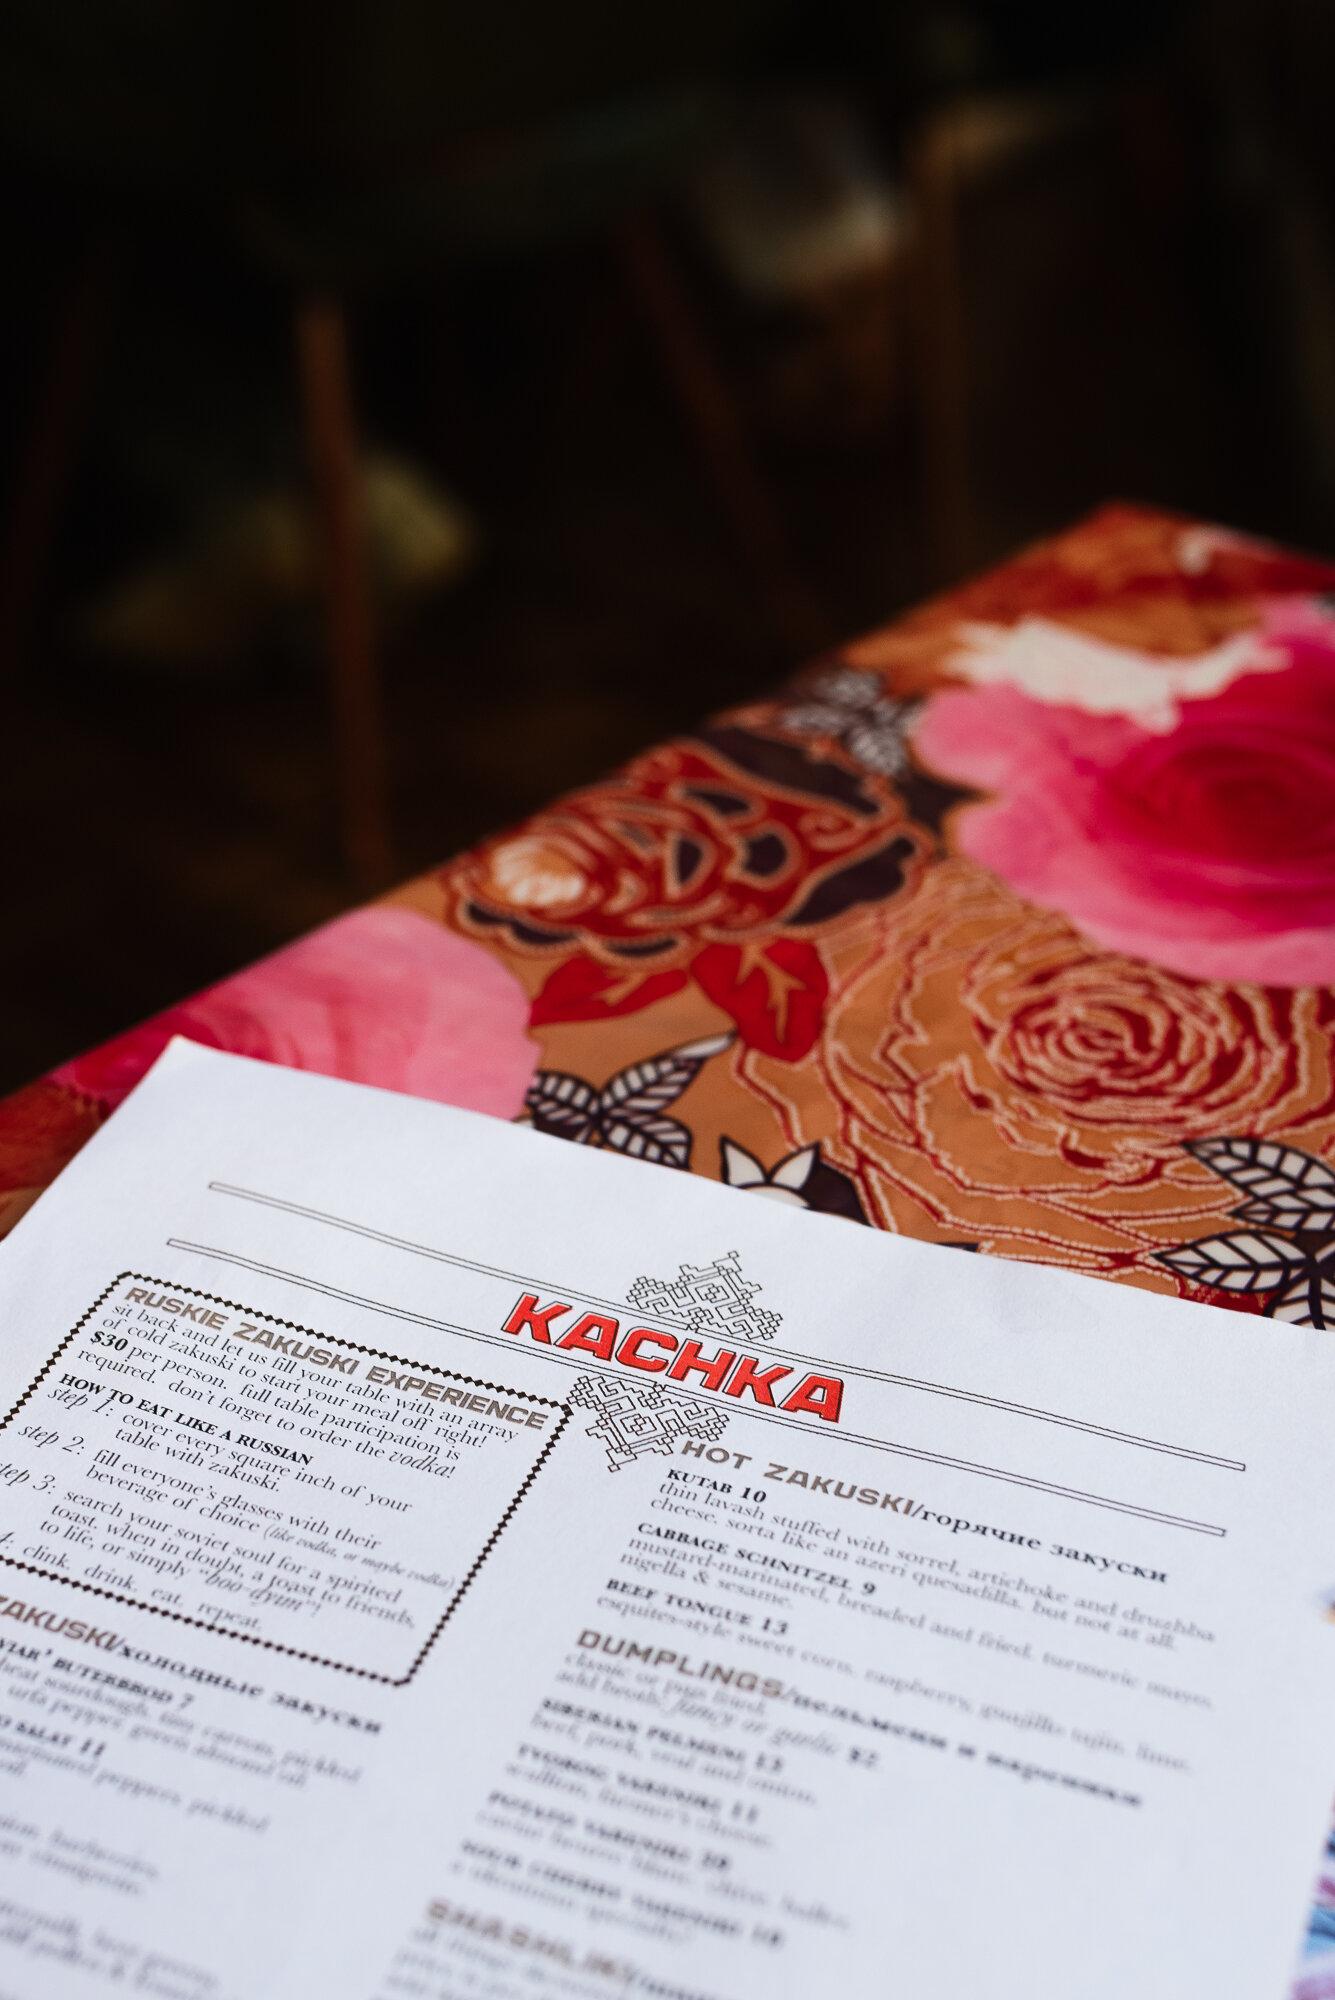 kachkamenu (1 of 1).jpg